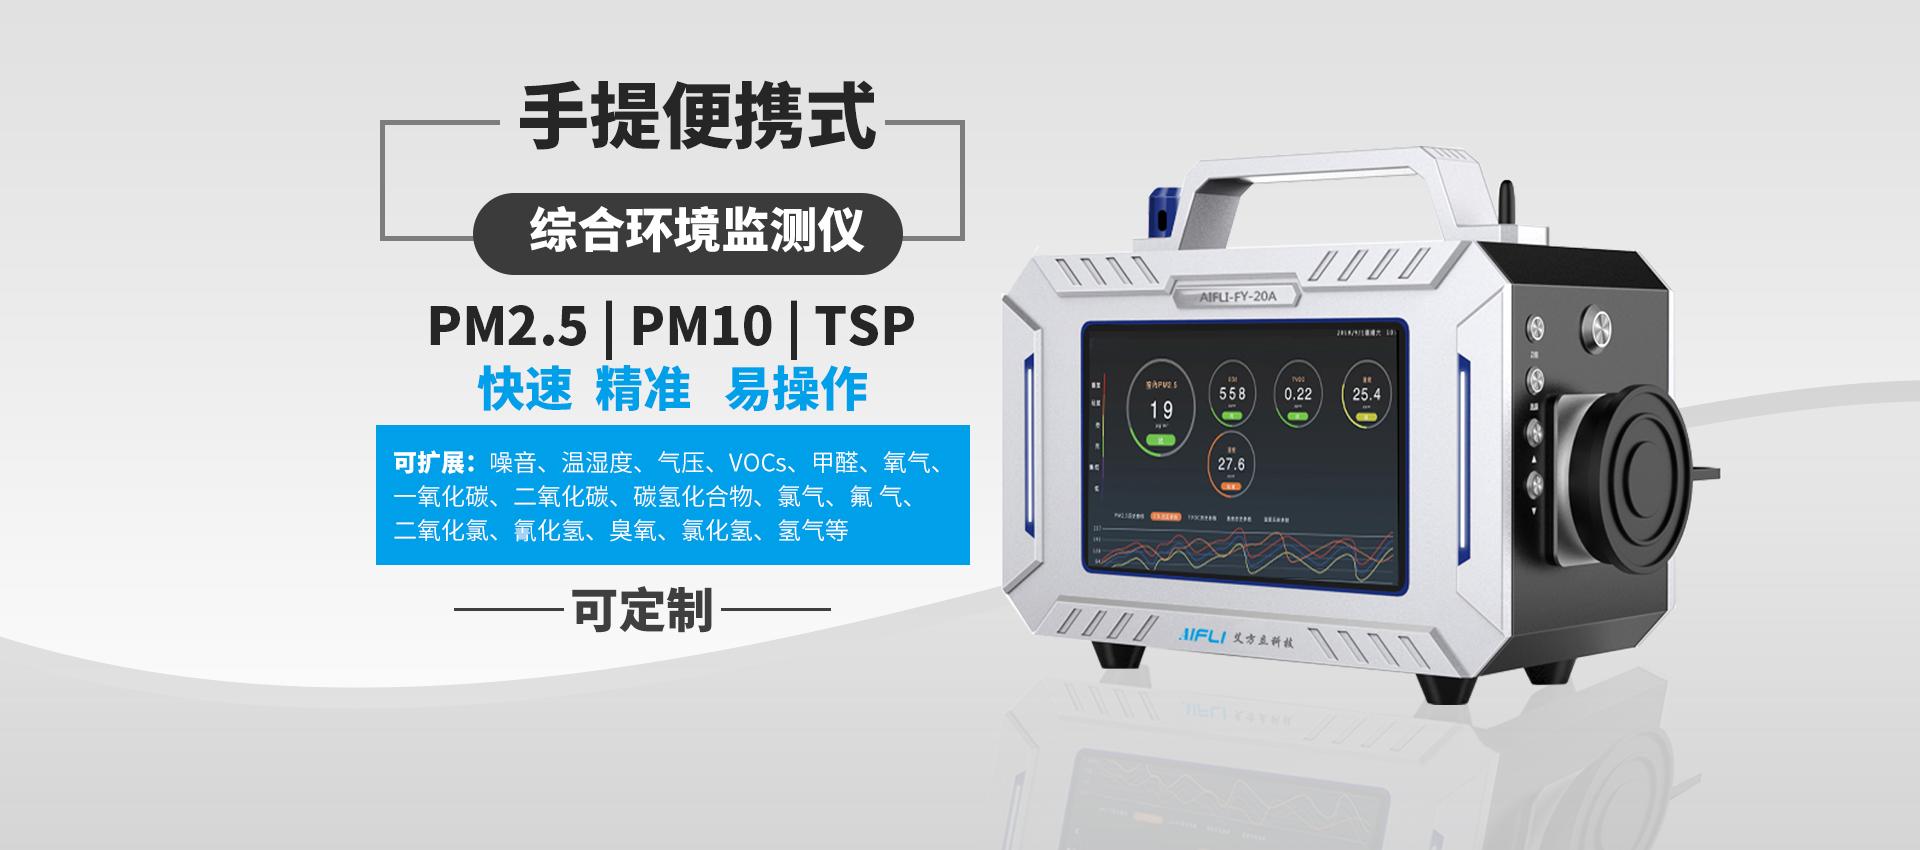 手提式式参数检测仪设备 可无线传输到云平台